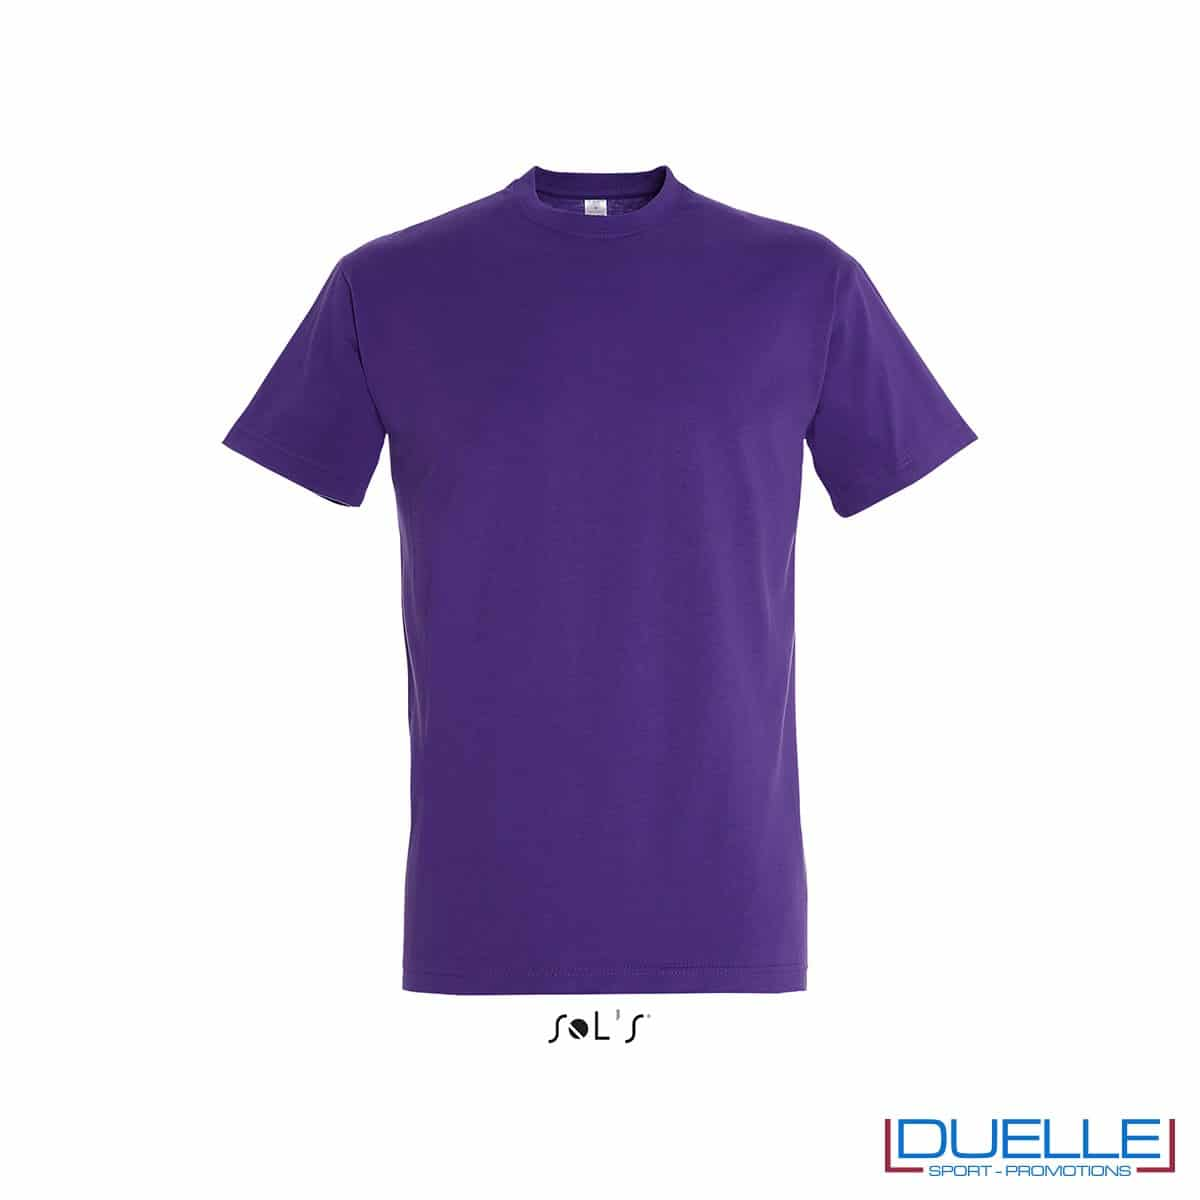 Maglietta promozionale in cotone pesante colore viola scuro personalizzata con ricamo o stampa